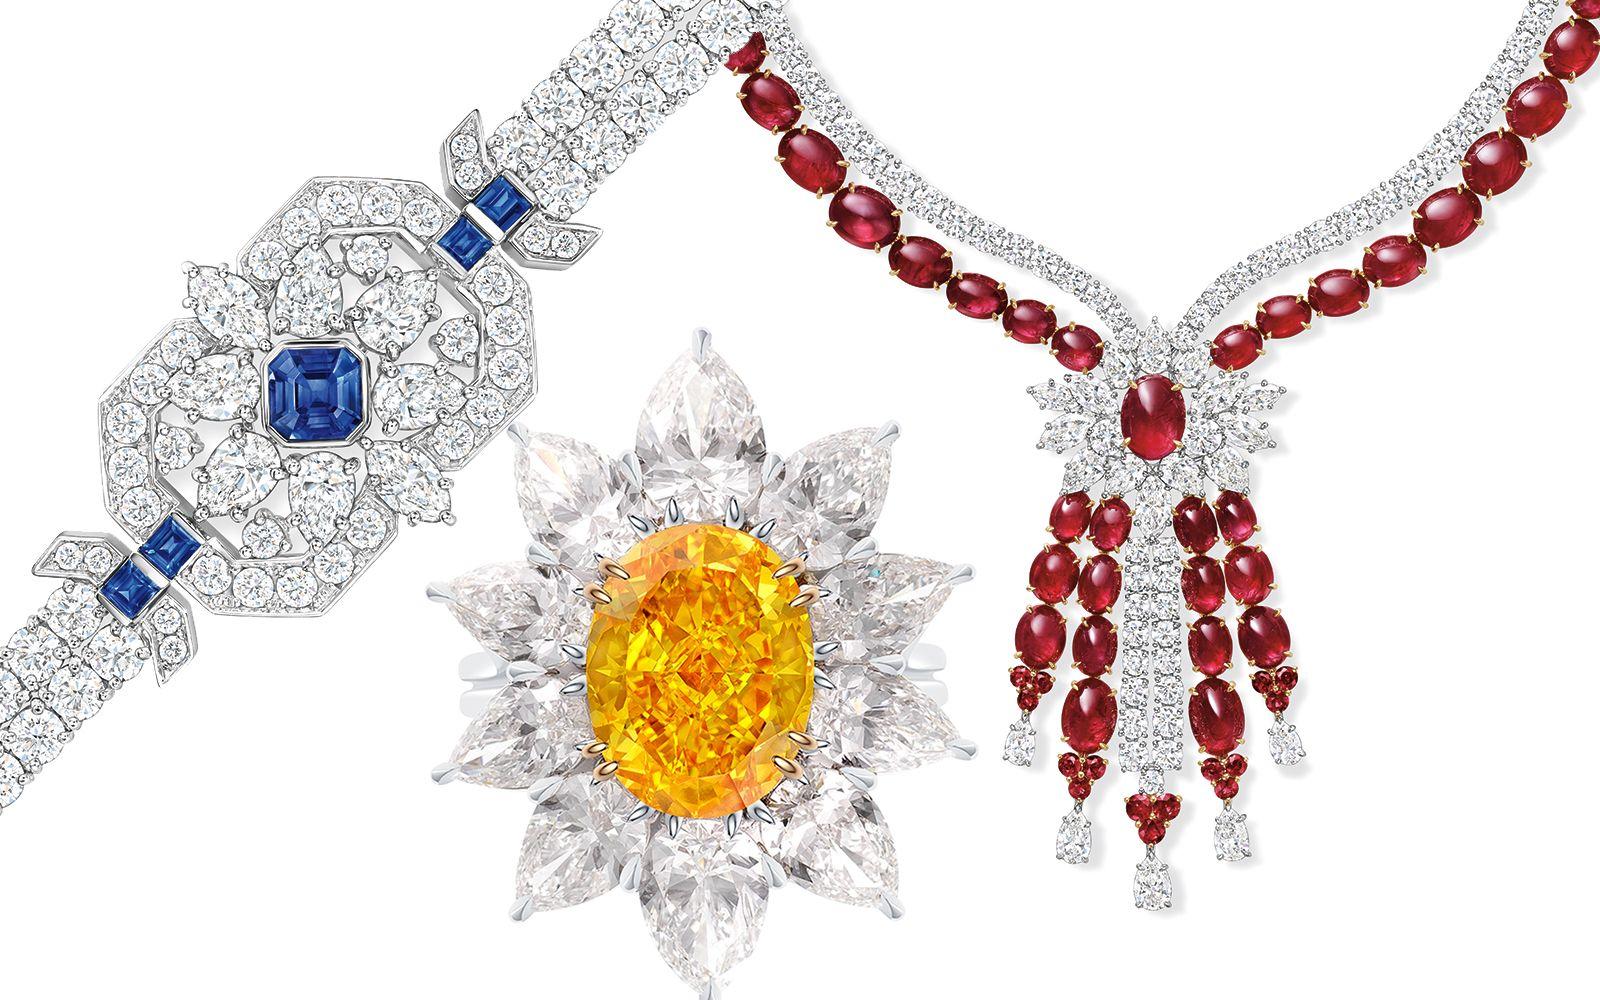 超越博物館的殿堂級珠寶就在台灣,總價超過15億的Be Jeweled by Harry Winston頂級珠寶鑑賞會,帶你走入鑽石之王的傳奇世界